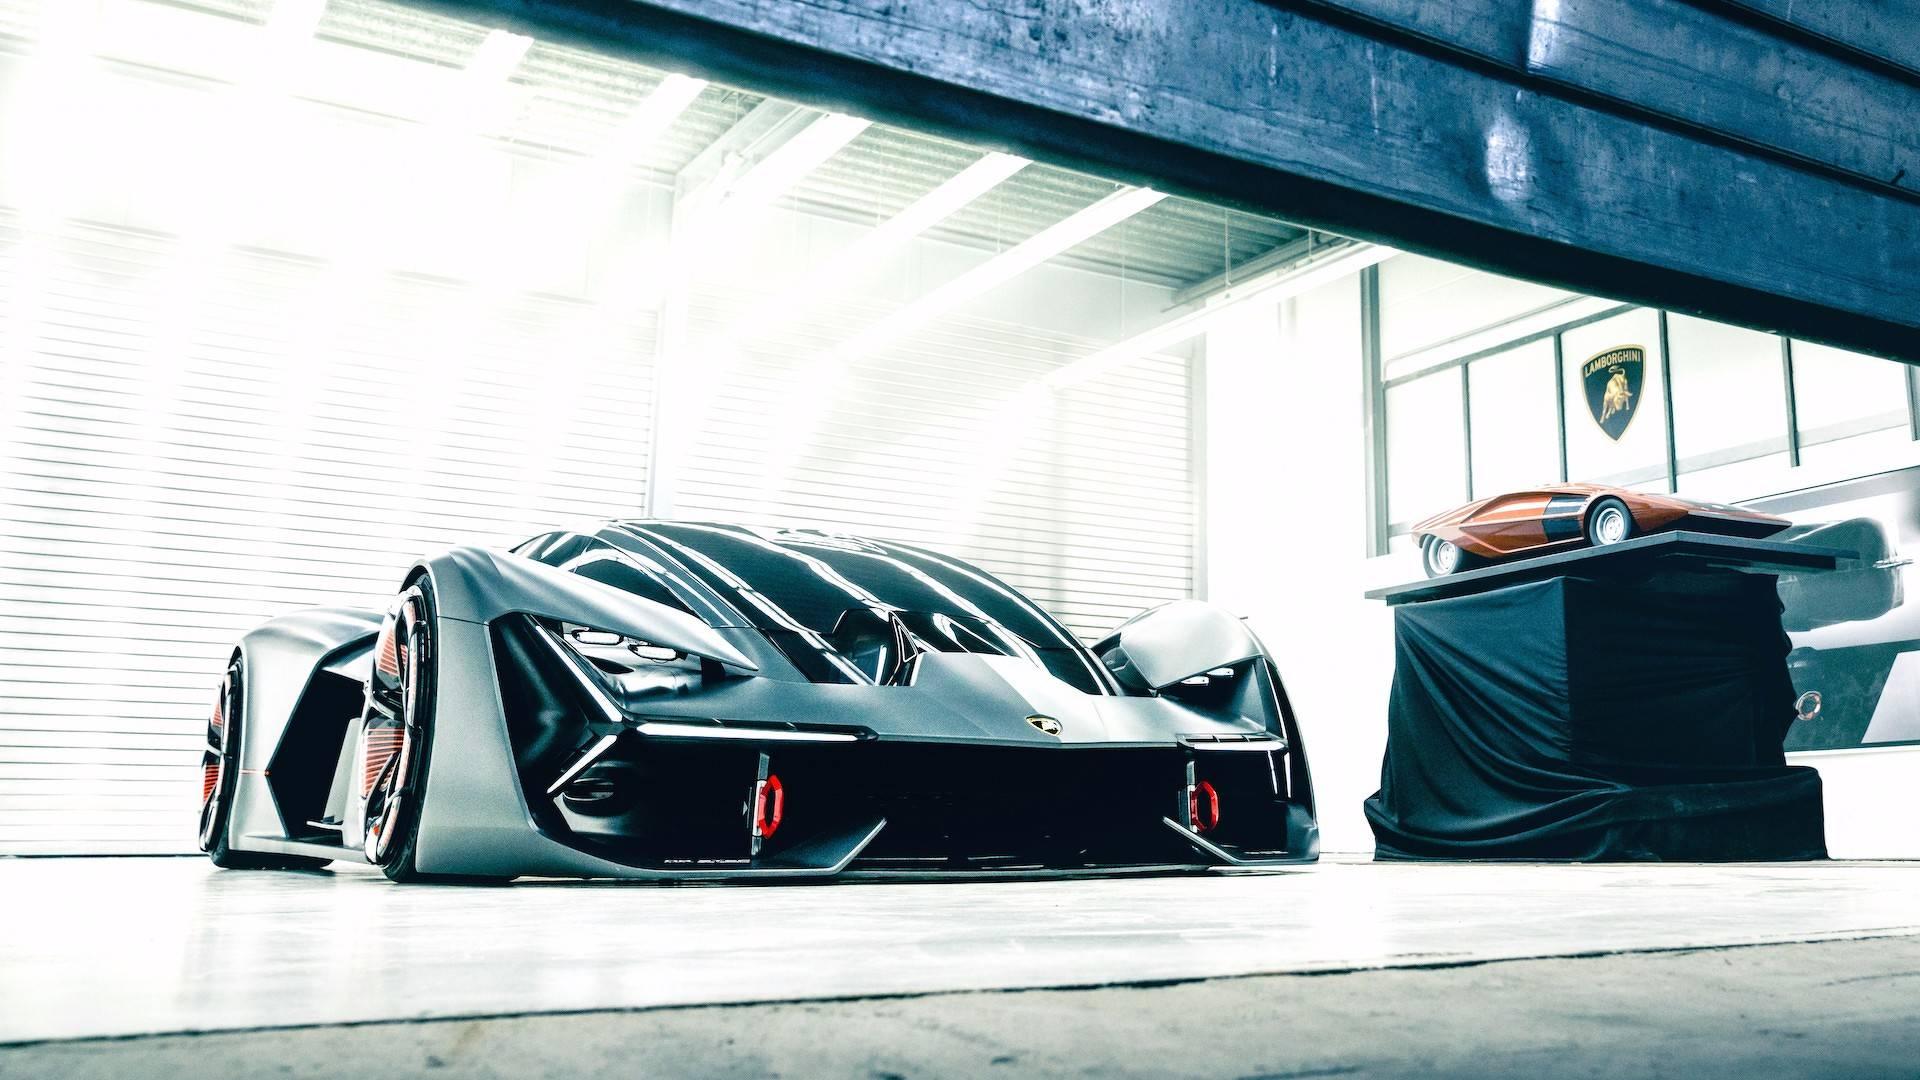 Prvi serijski hibrid Lamborghinija će isporučivati 838 ks?